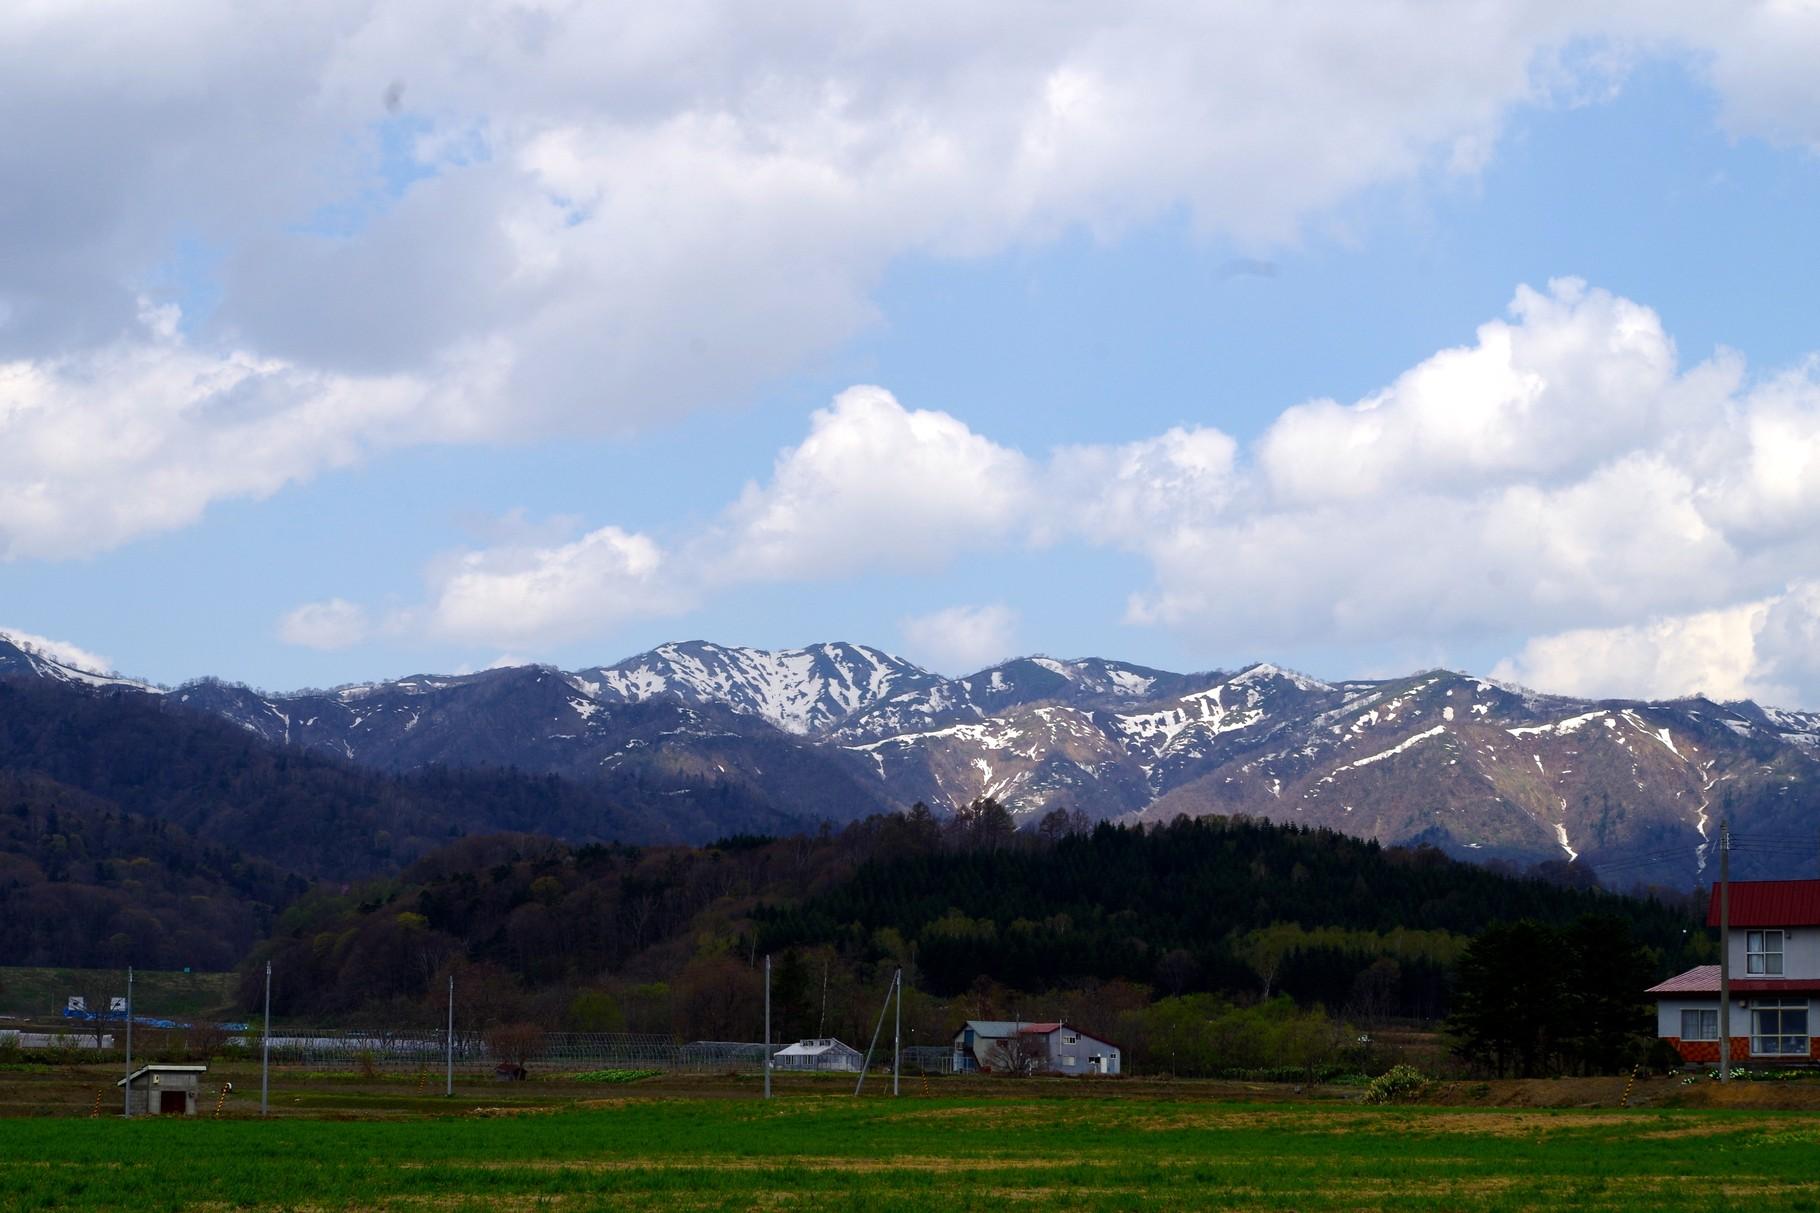 樺戸連山 空知管内で望むことのできる山々